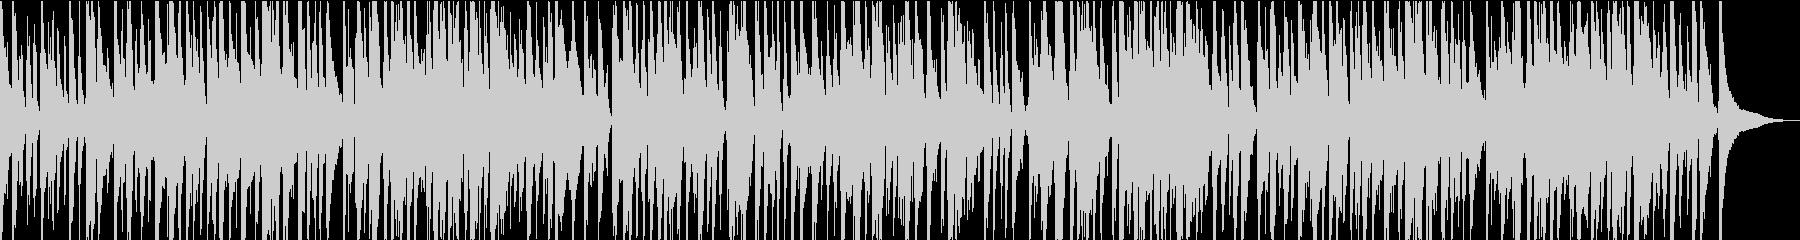 伝統的 ジャズ ビバップ サラサラ...の未再生の波形